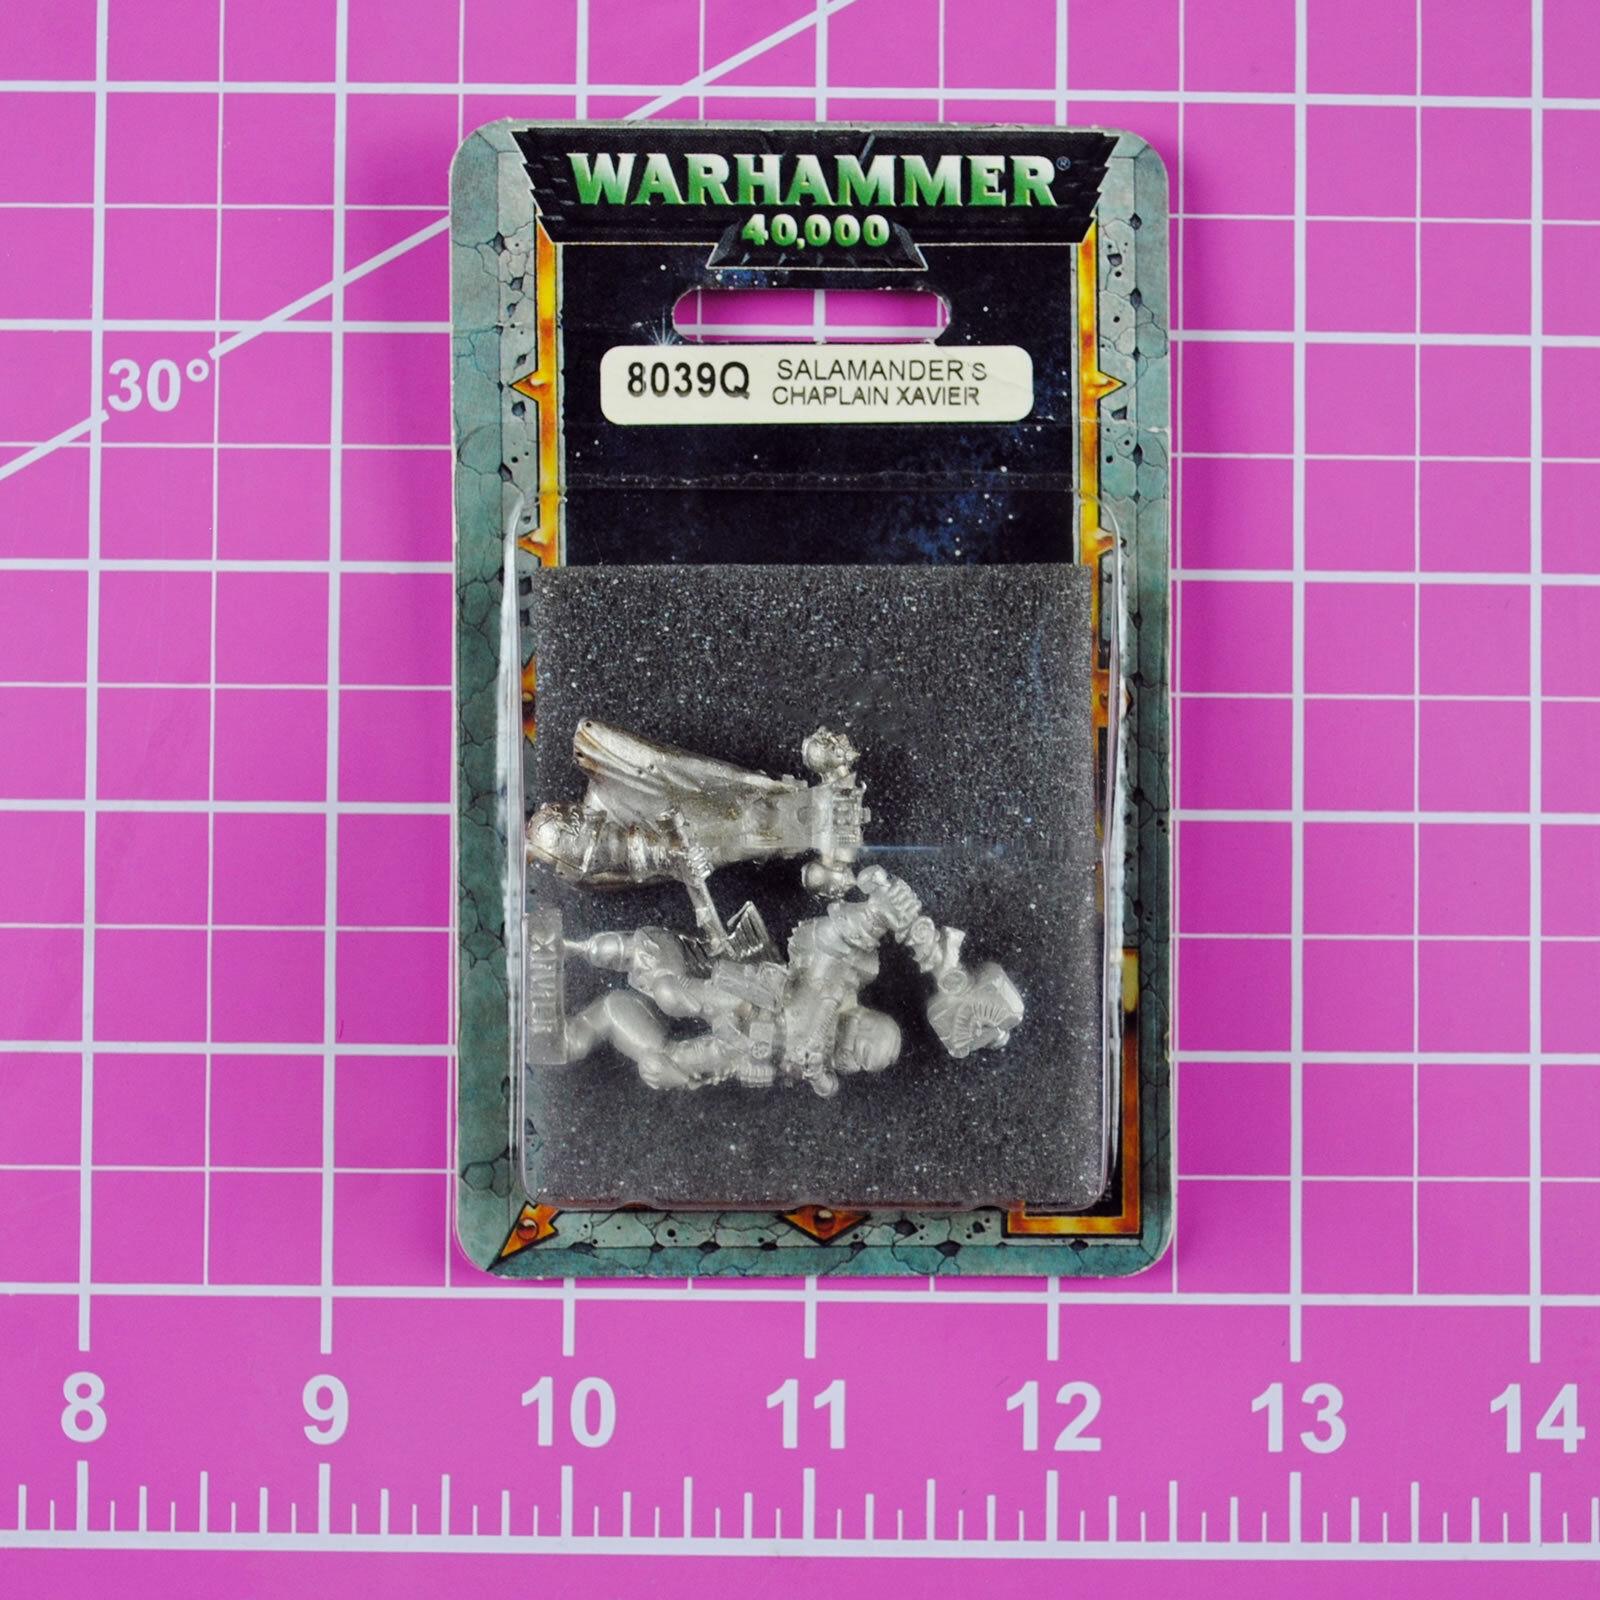 Warhammer 40K Salamanders Chaplain Xavier NIB Metal - Rare & OOP - Space Marines